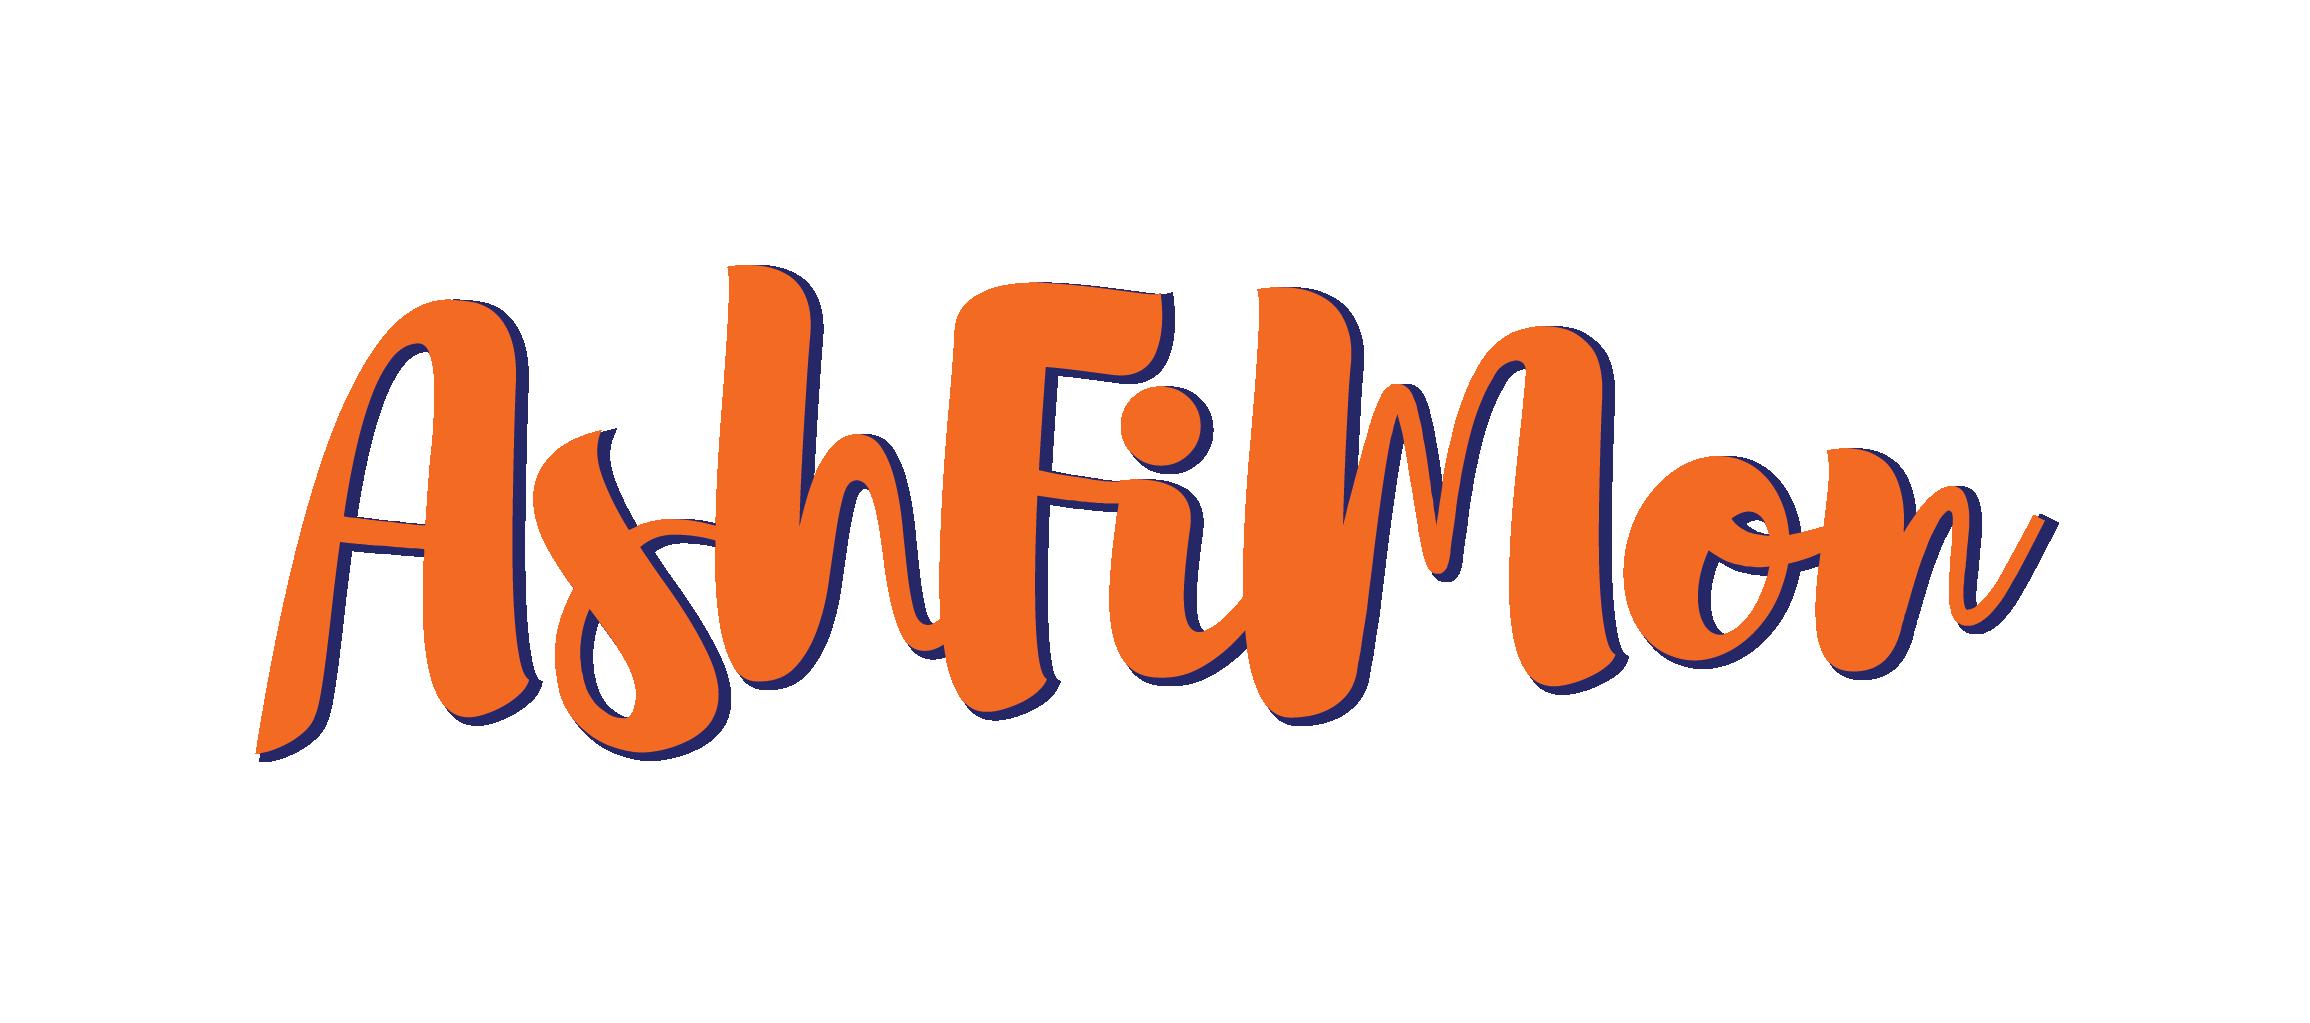 AshFiMon Horizontal Orange logo